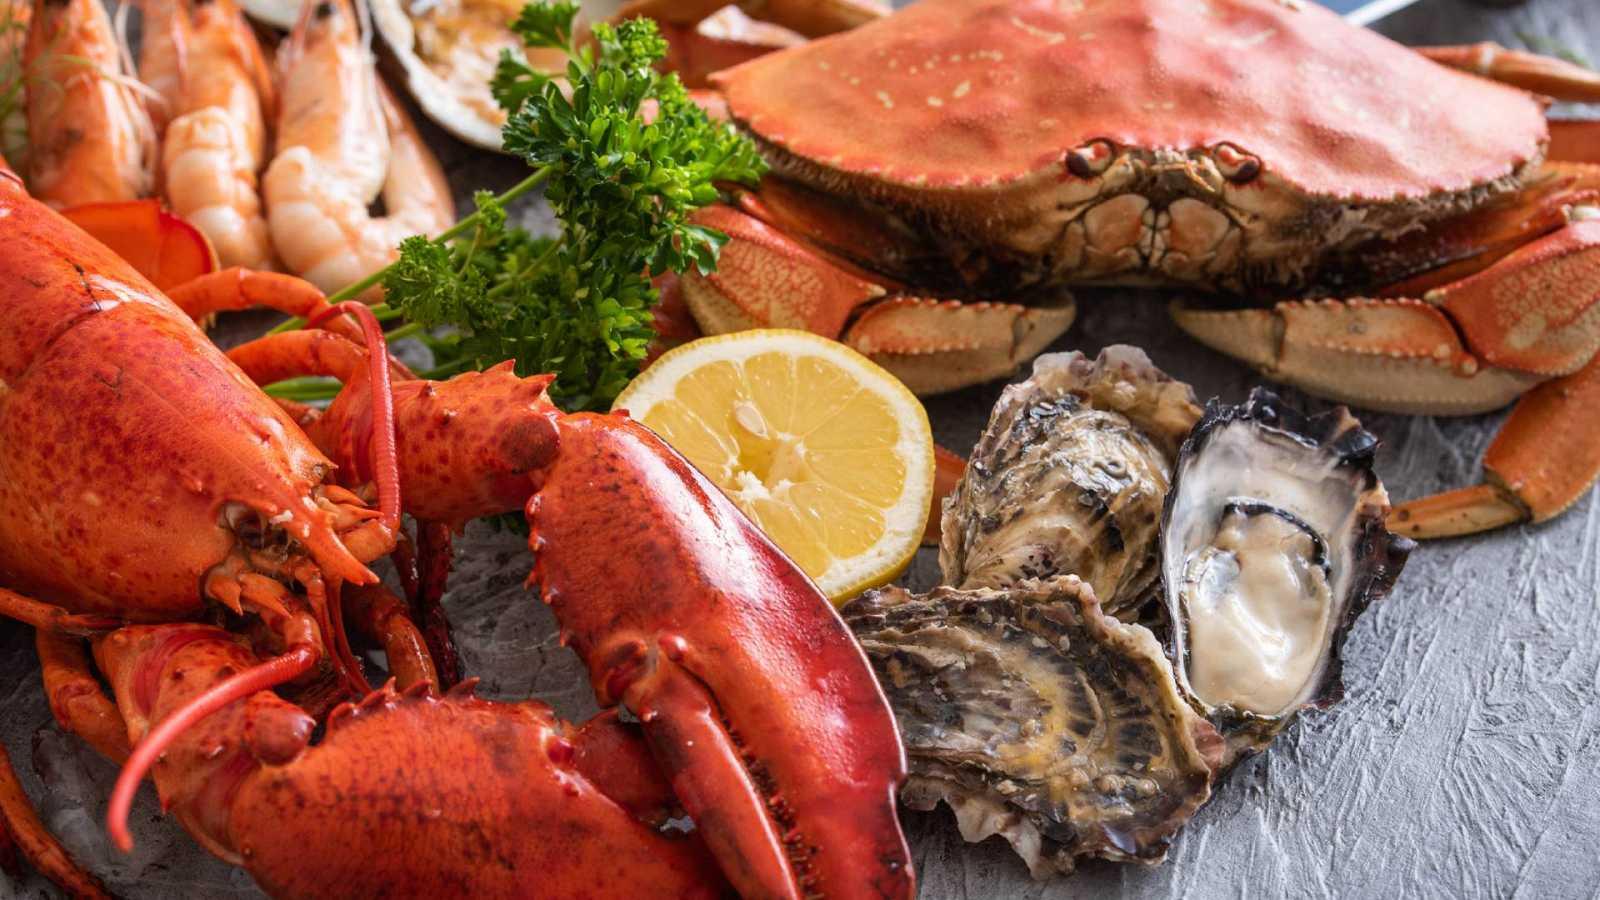 Alimento y salud - Nutrientes y sistema inmunológico. Mariscos - 07/02/21 - Escuchar ahora